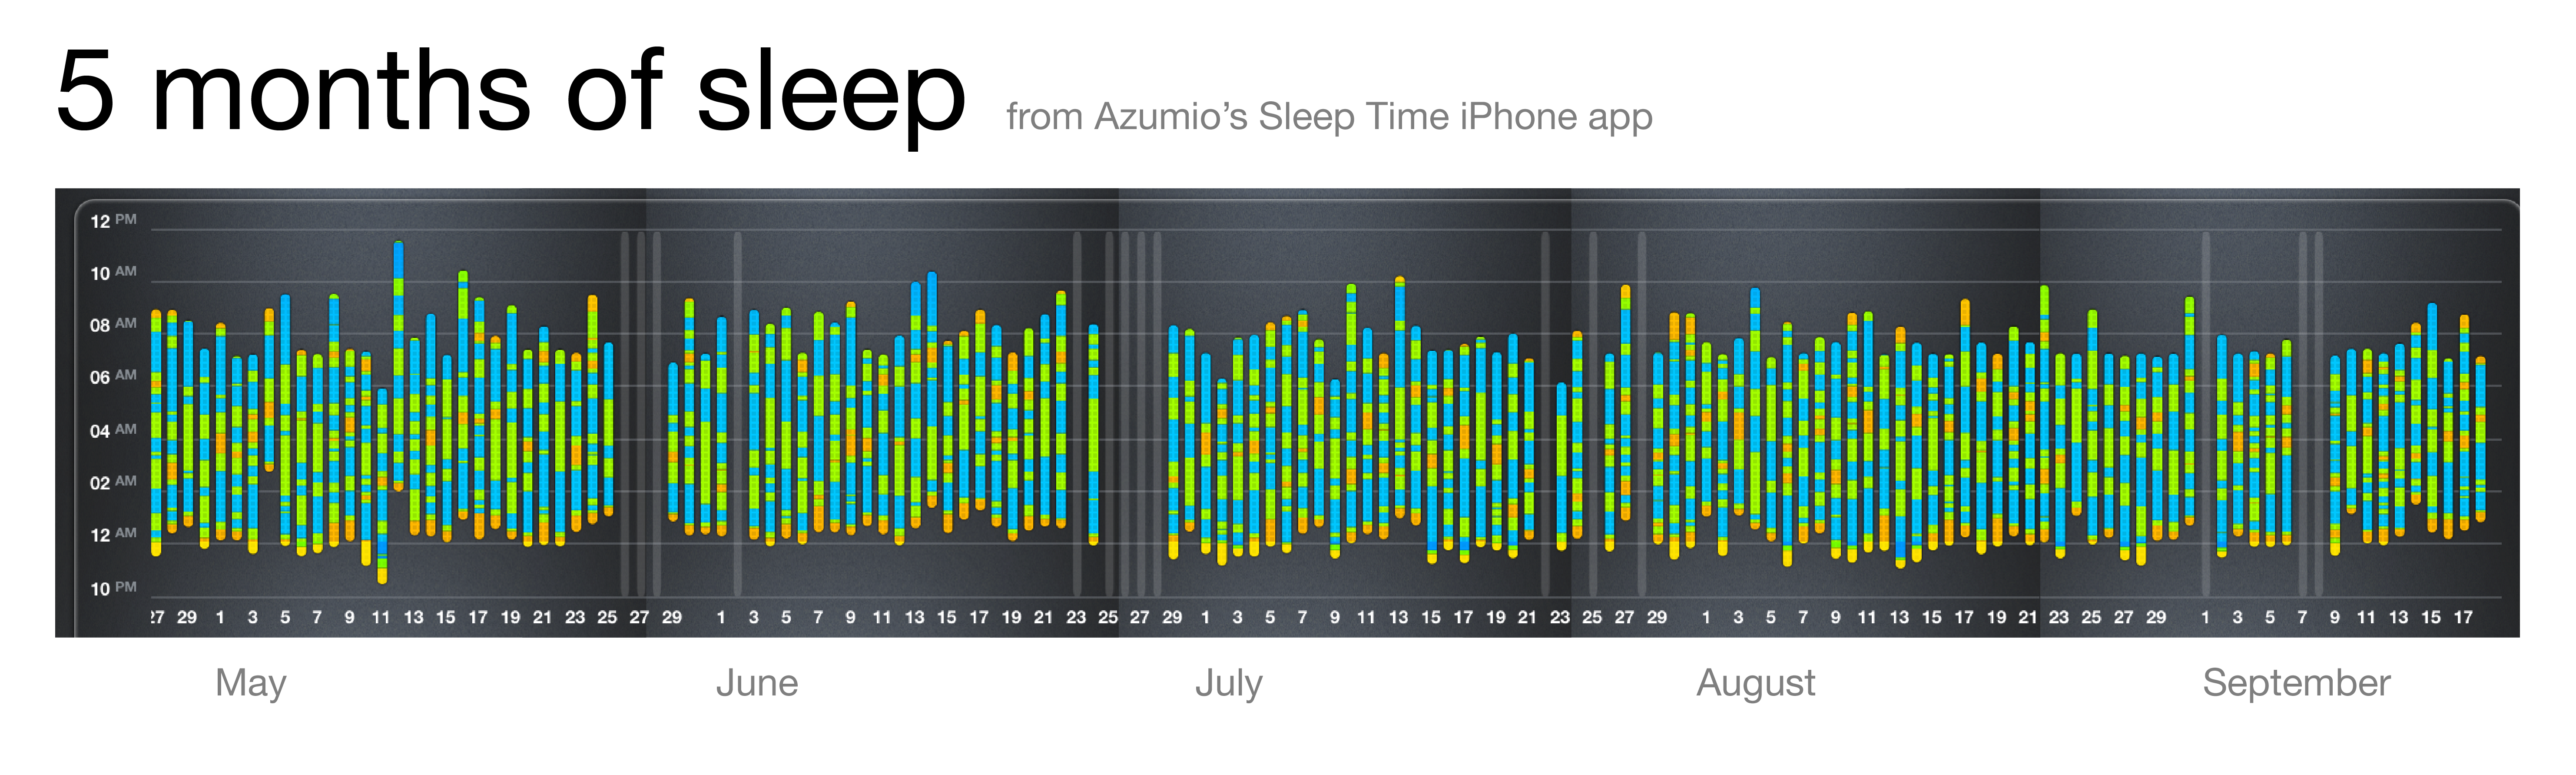 Ο ποσοτικοποιημένος εαυτός. Ο ύπνος ως δεδομένο.